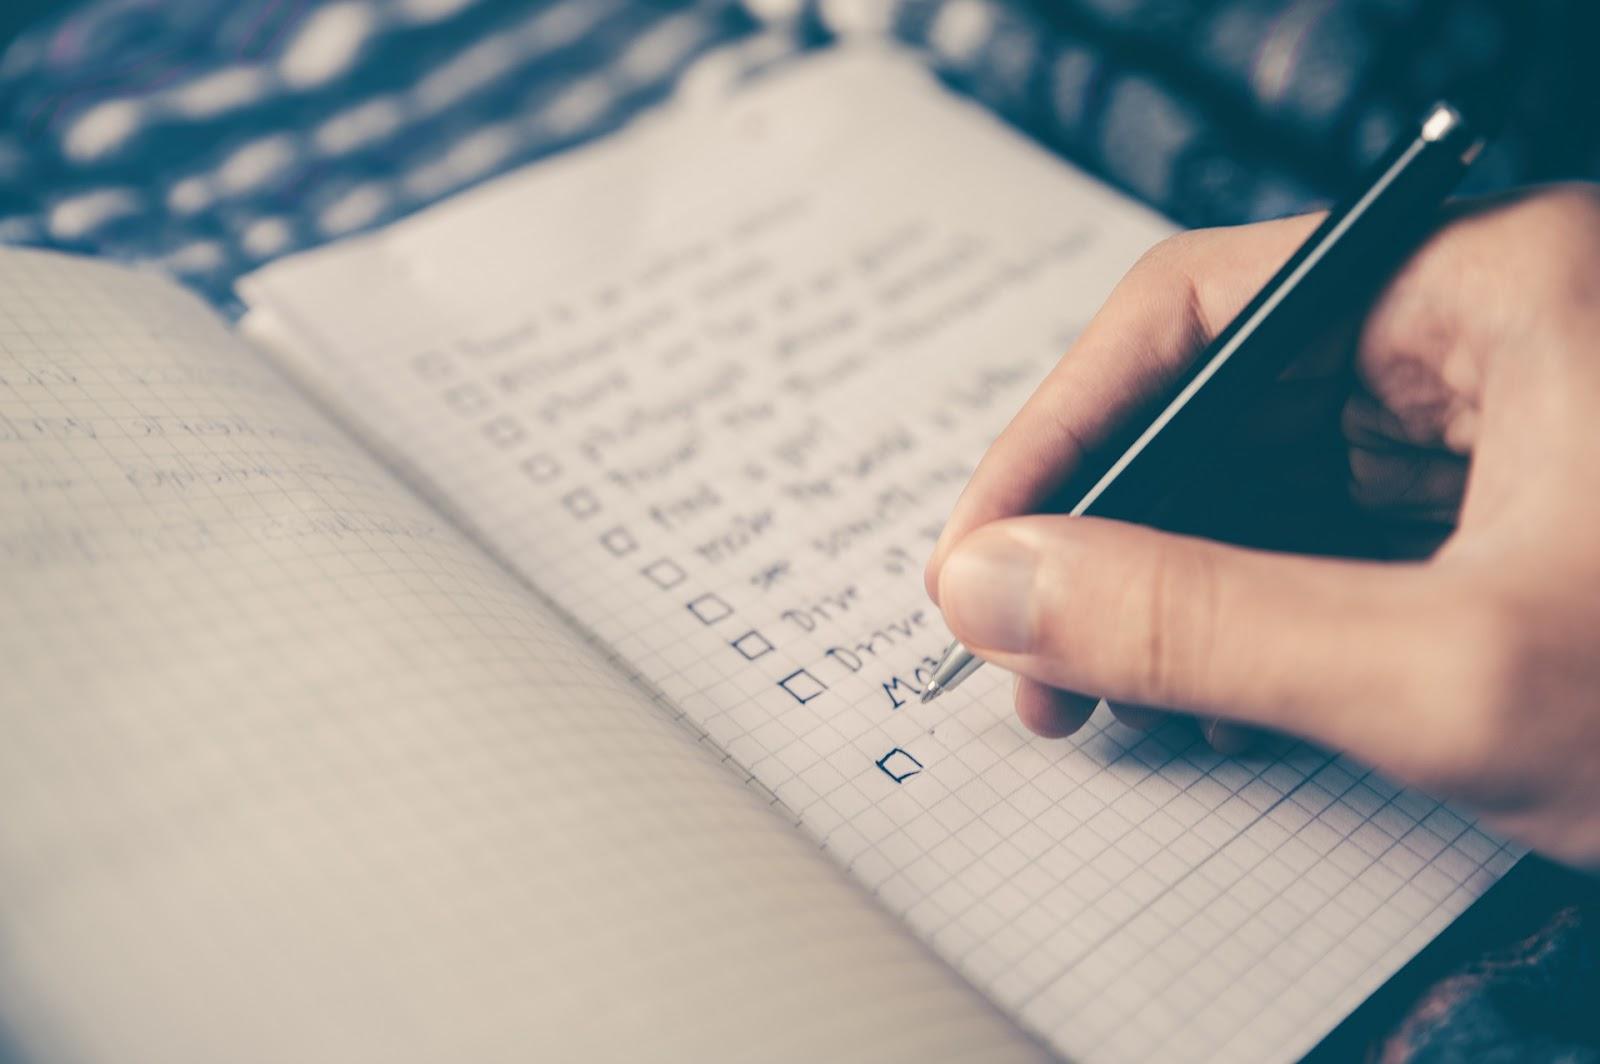 Việc ghi lại mọi lần đặt cược rất quan trọng đối với việc quản lý tài chính